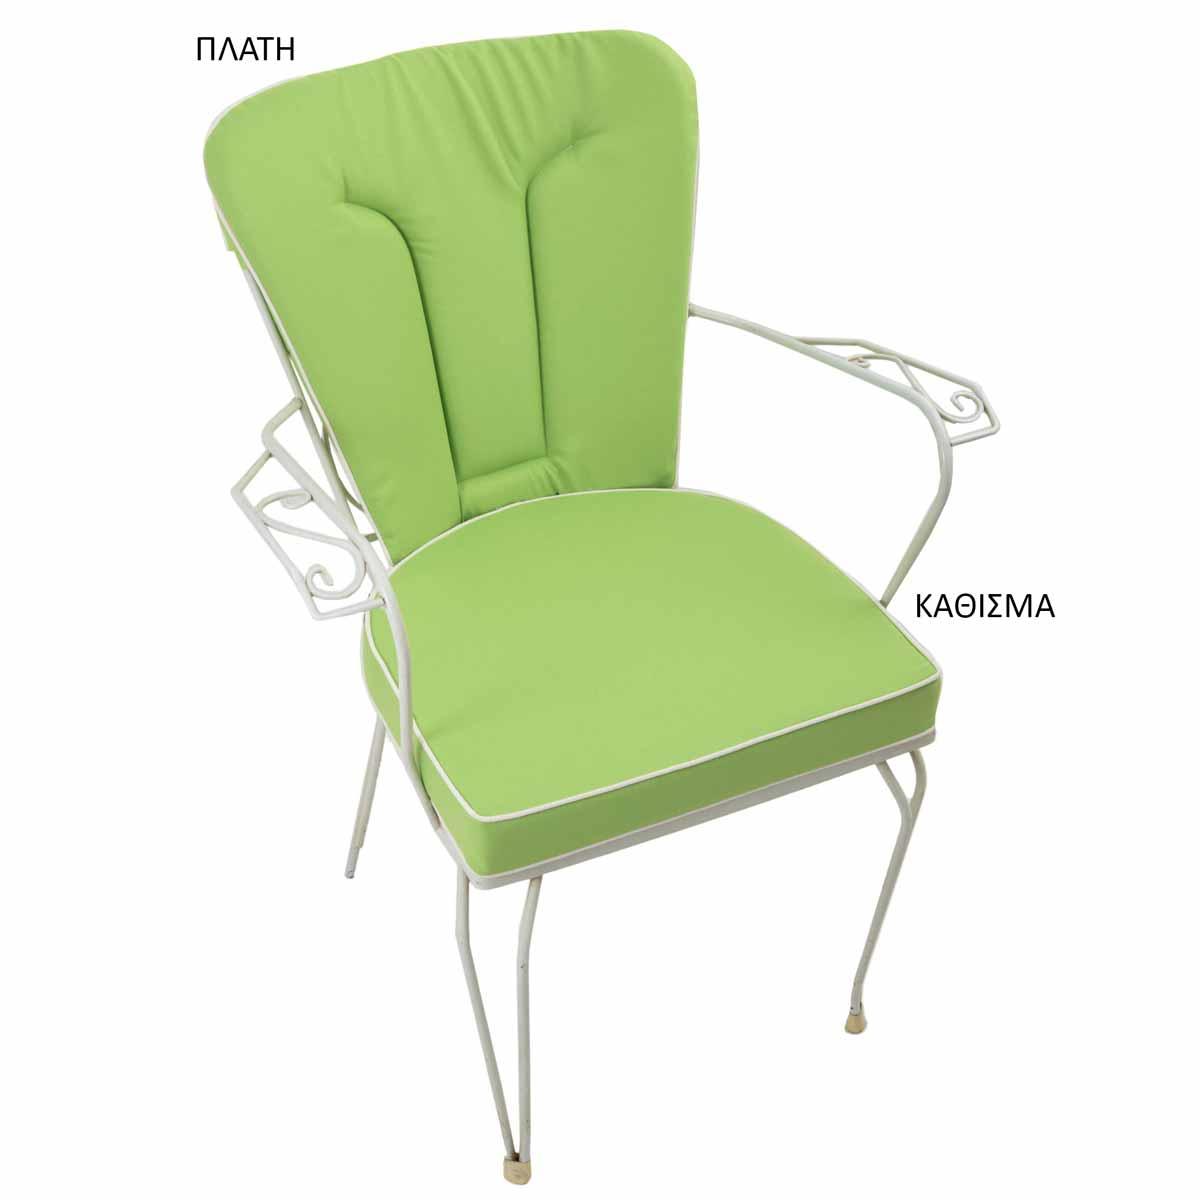 Μαξιλάρι Πλάτης Φερ Φορζέ Be Comfy Green 801